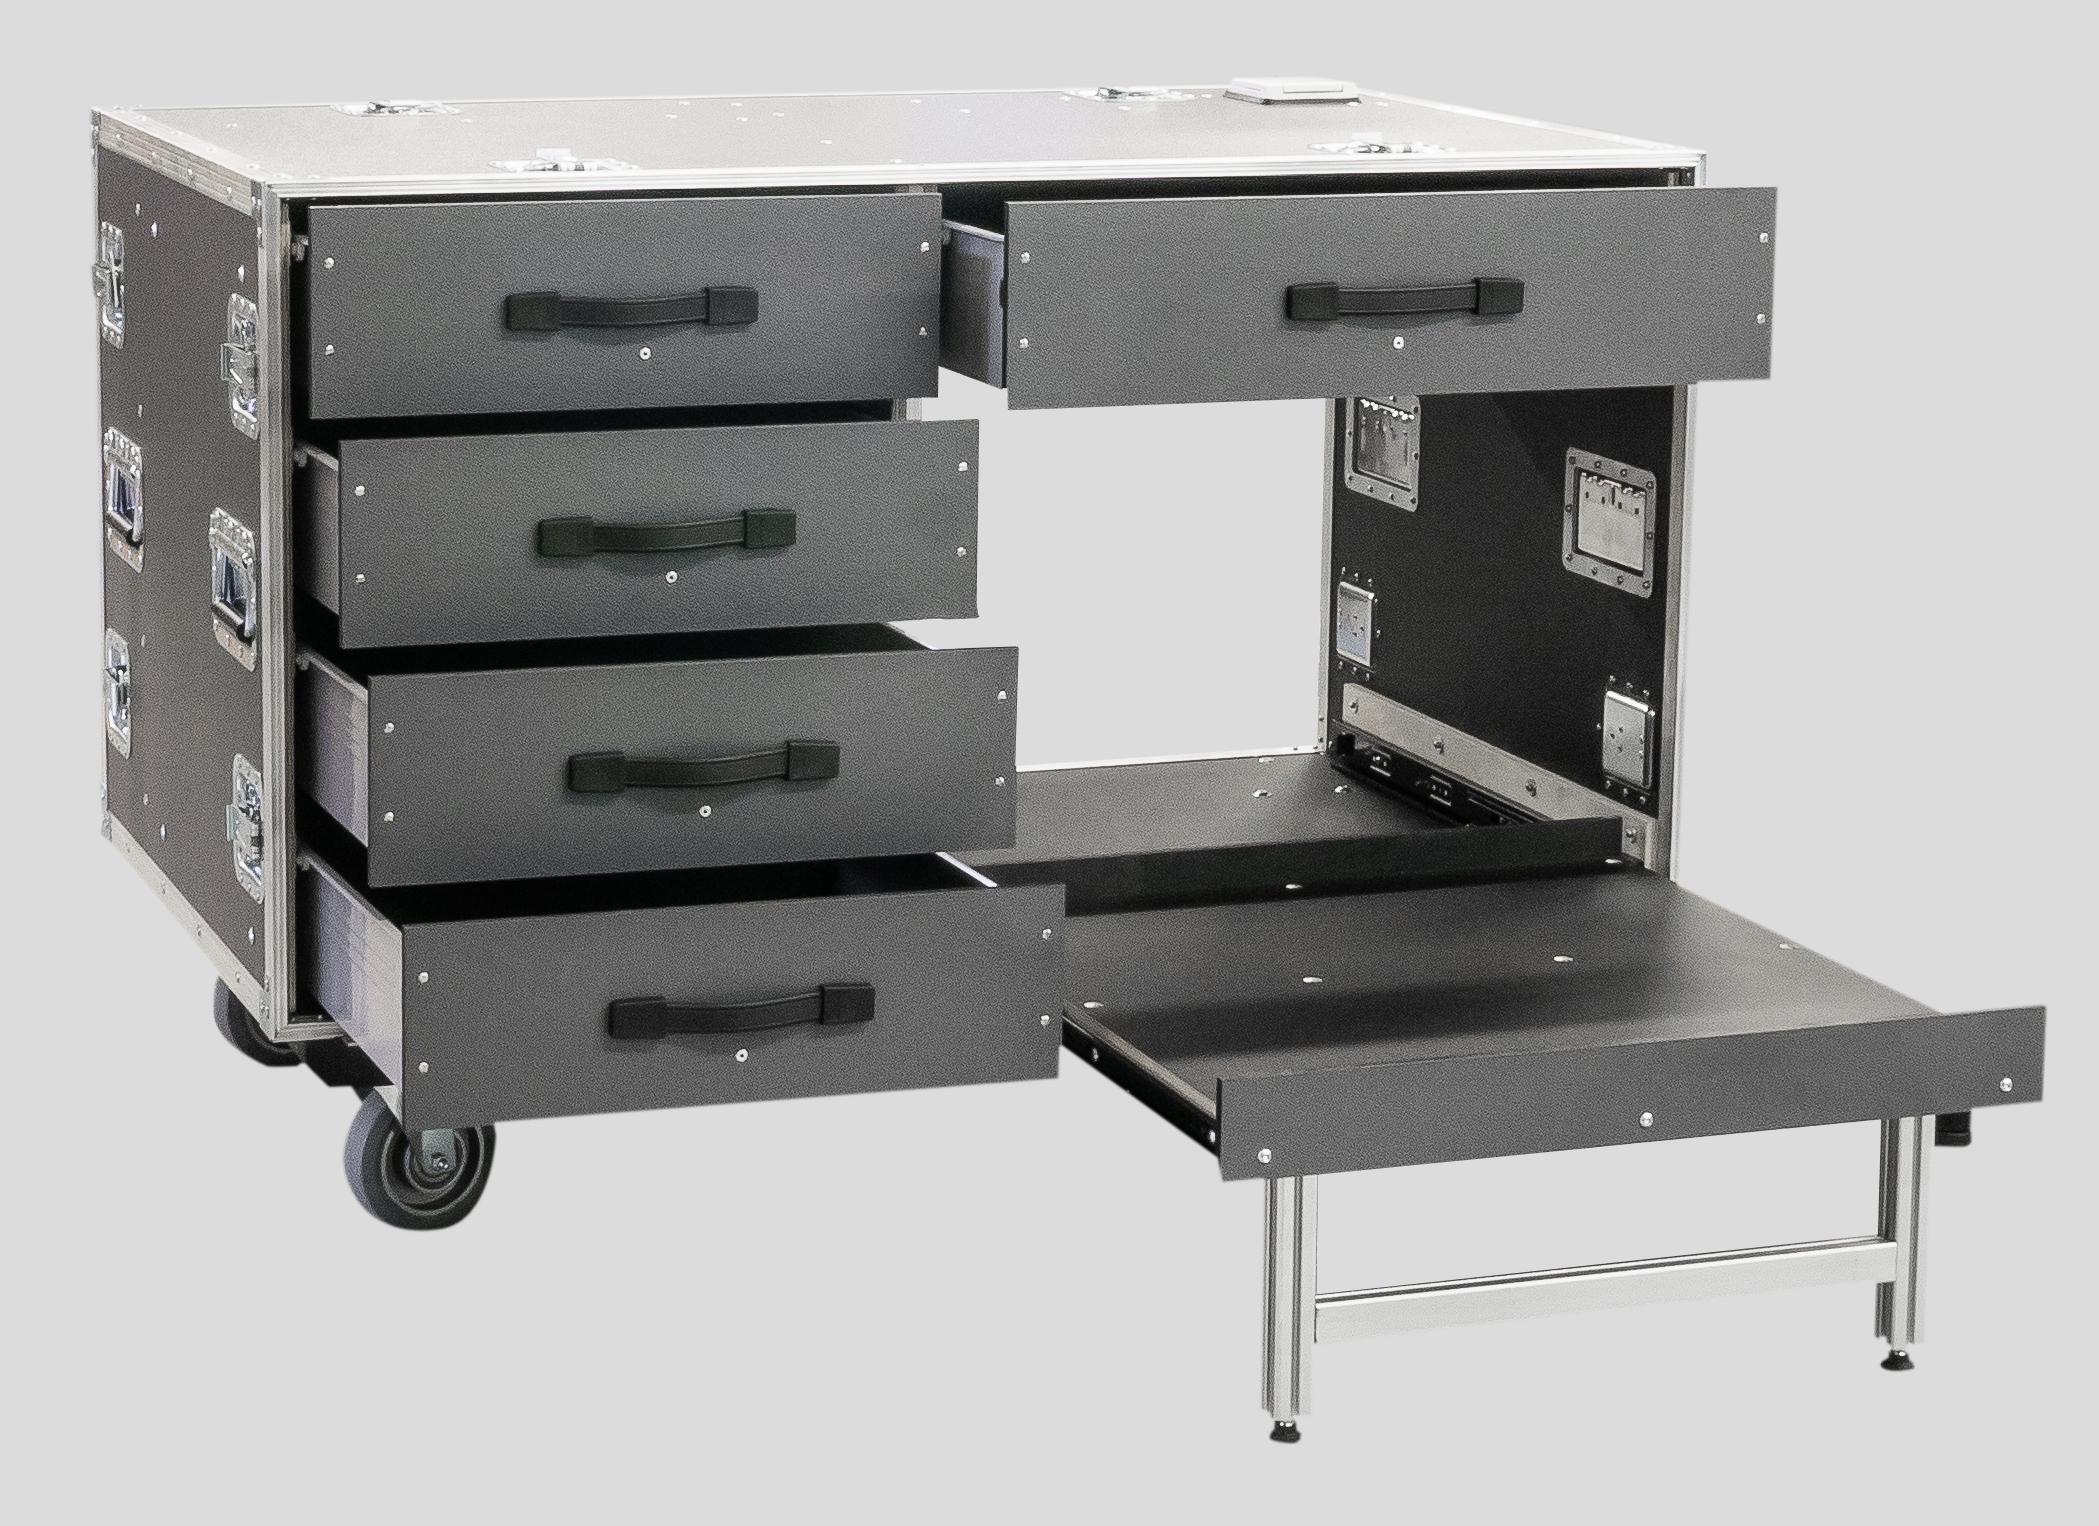 Büro-Rollcontainer ausziehbare Fächer, rechtes Fach für A3 Drucker